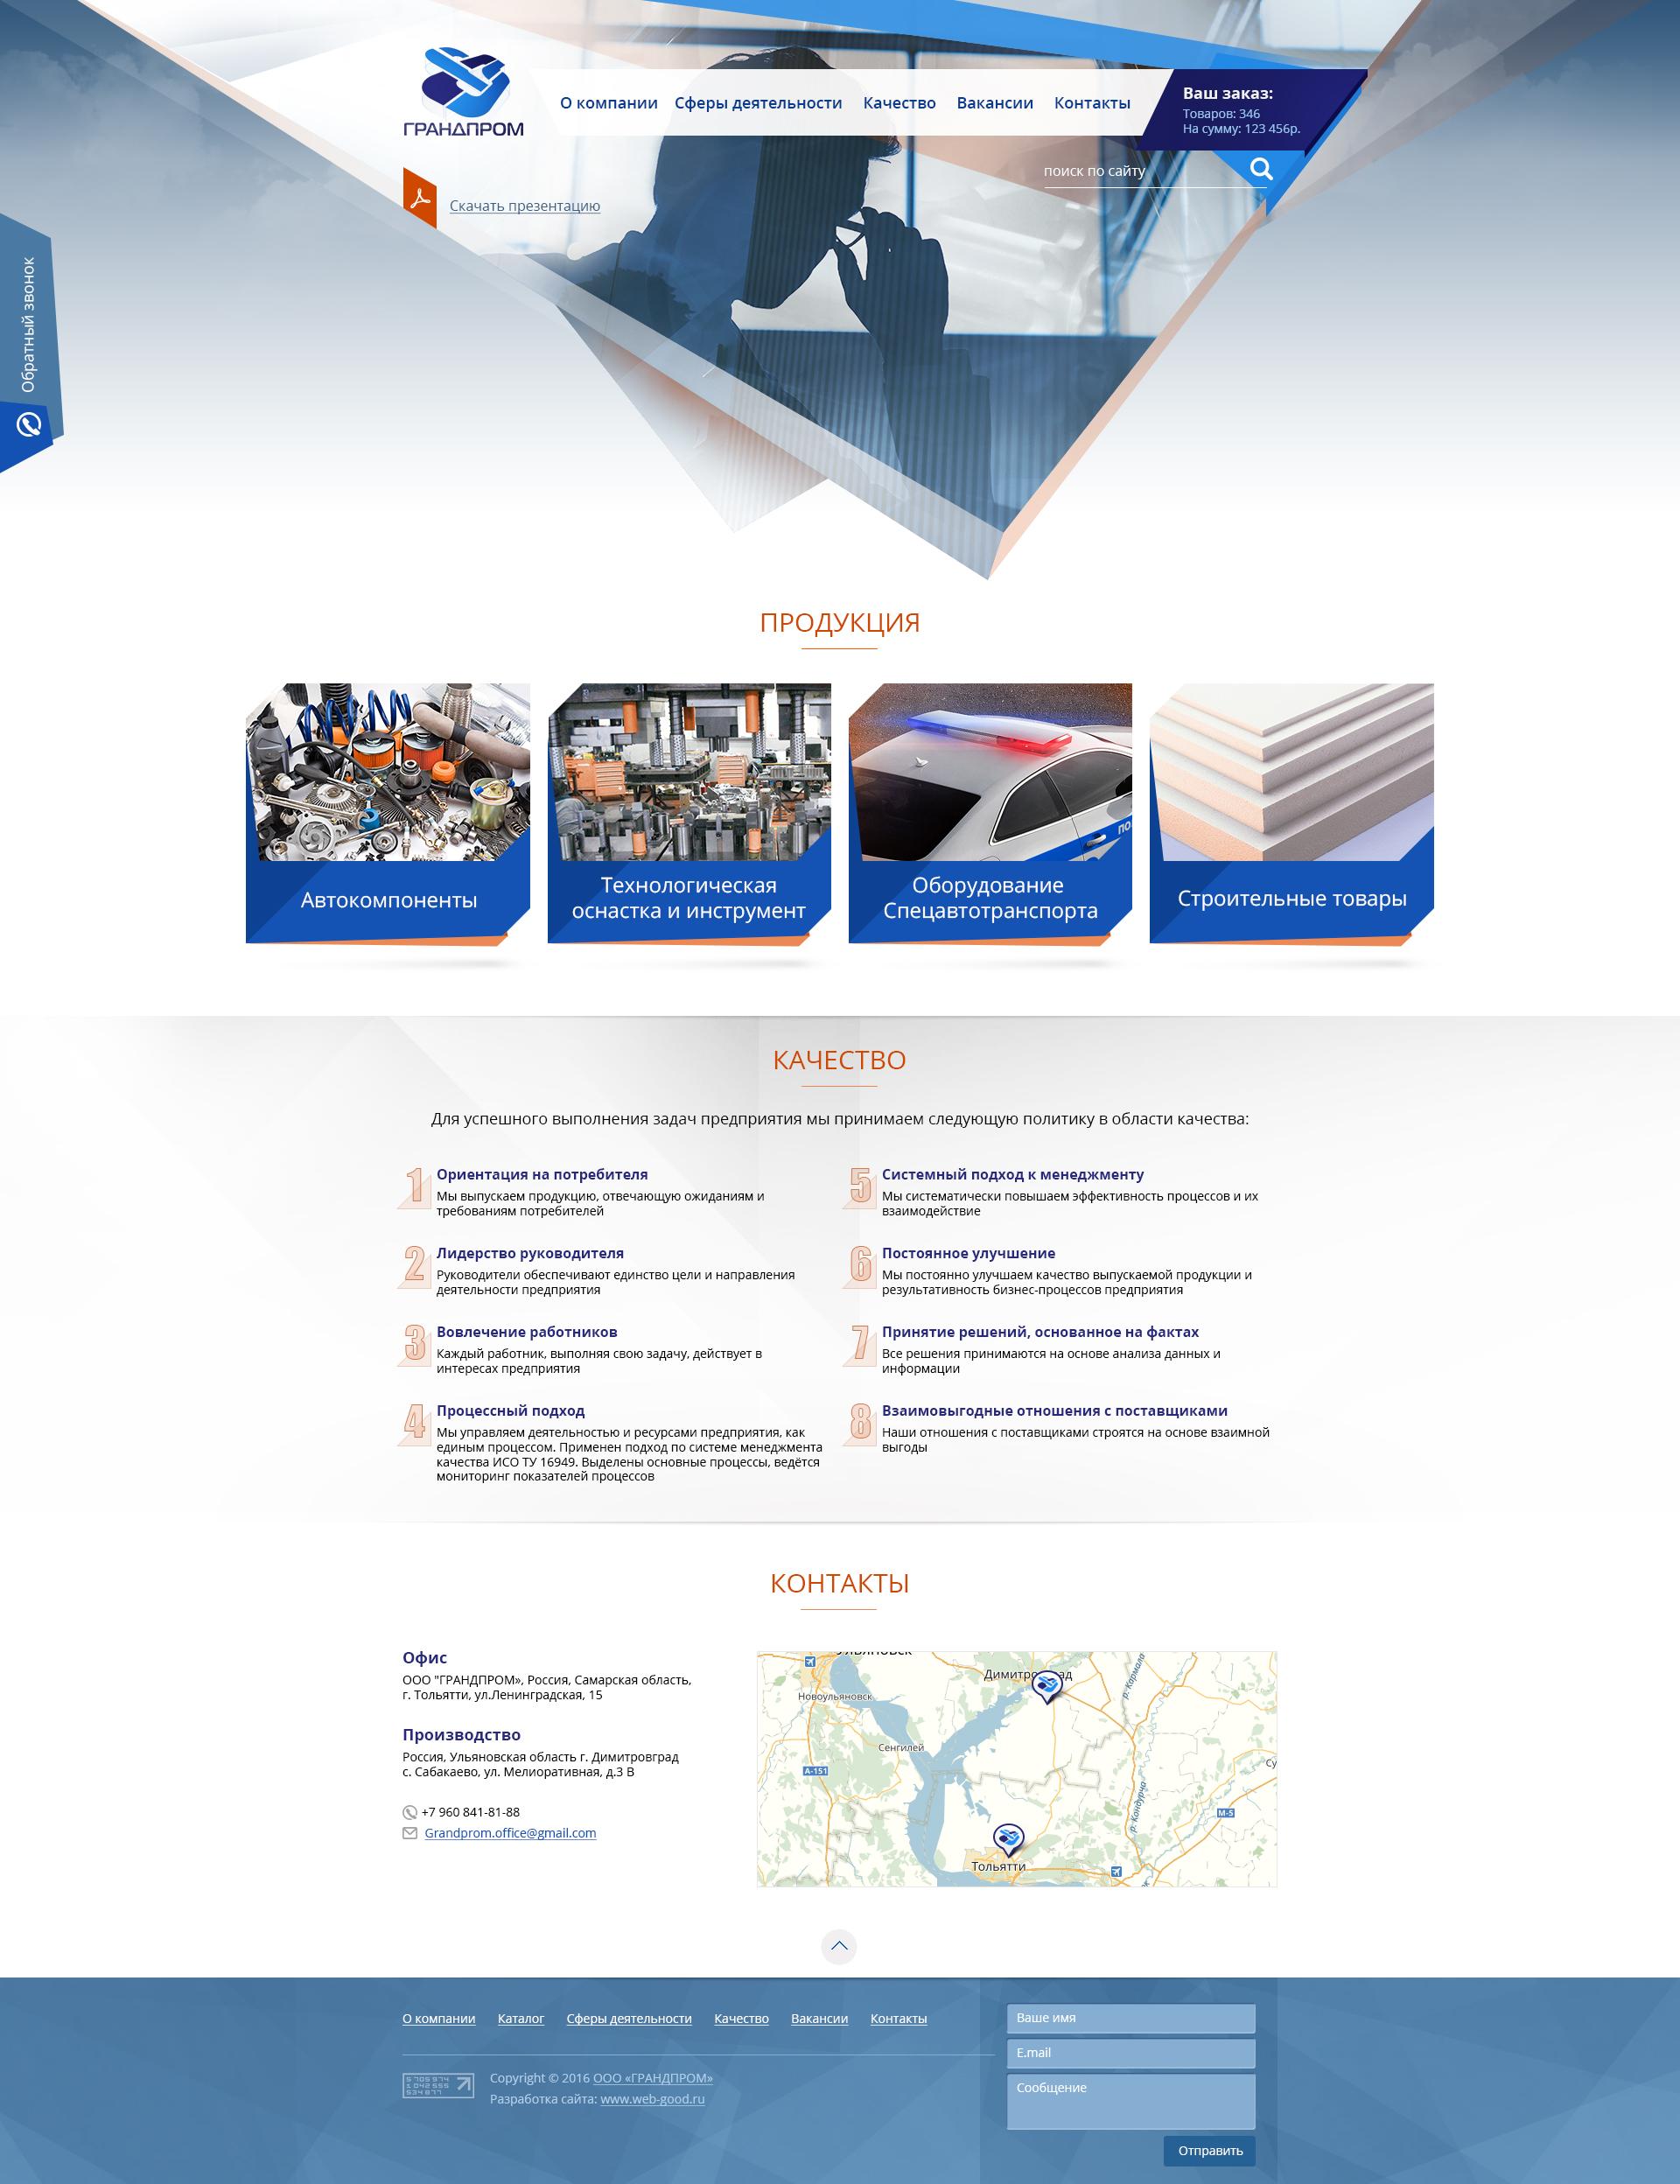 Главная страница Грандпром